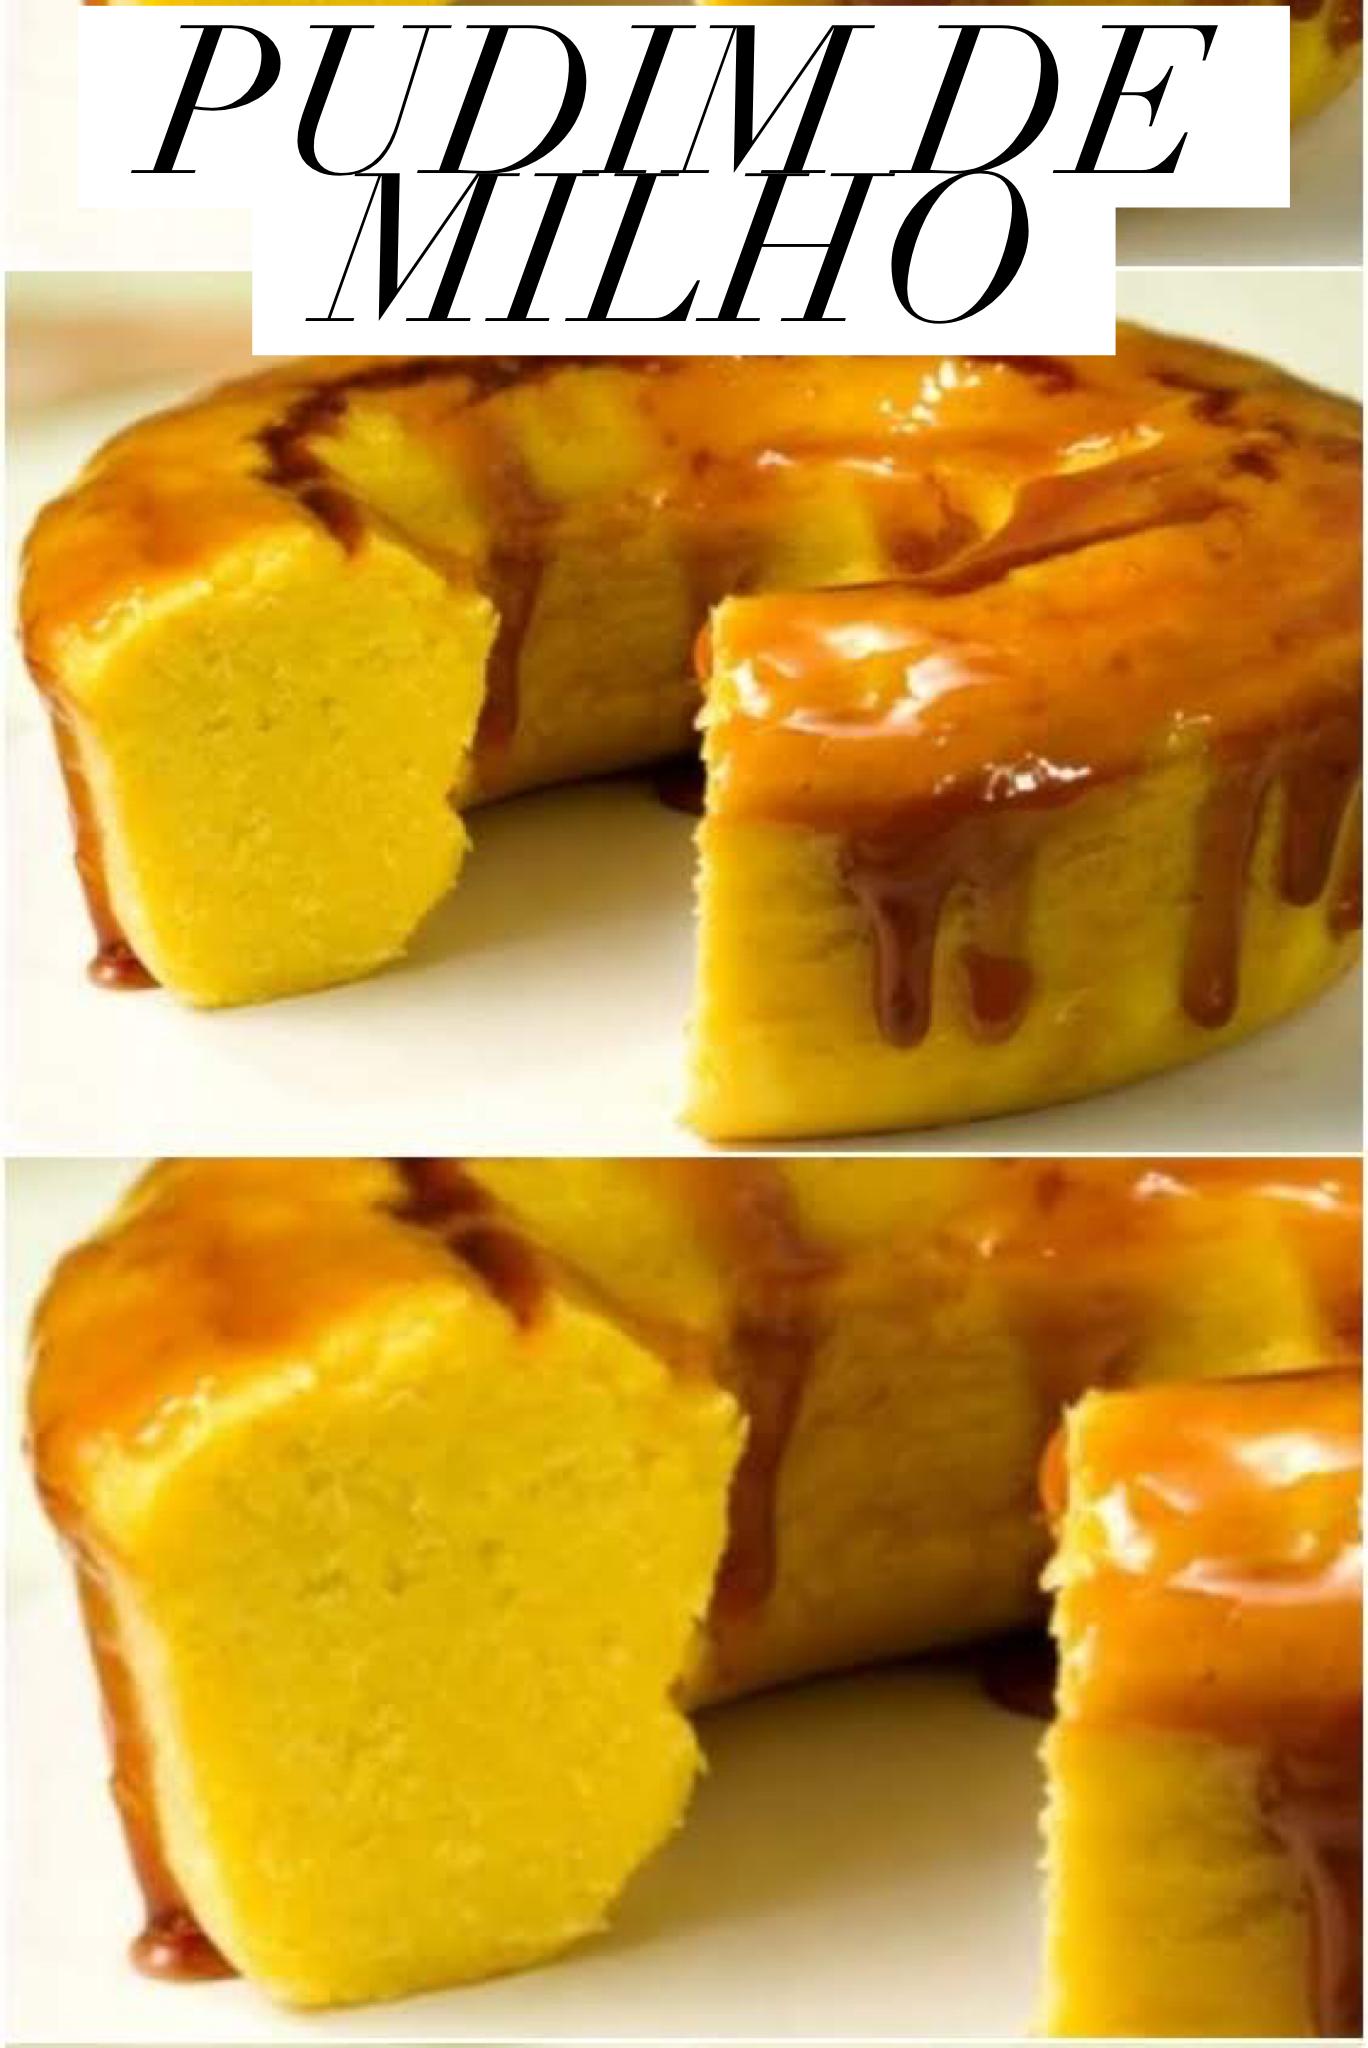 Que tal aprender preparar pudim de milho? Clique na imagem e veja a receita completa. #pudim #pudimreceita #pudding #milho #corn #receitas #receitadodia